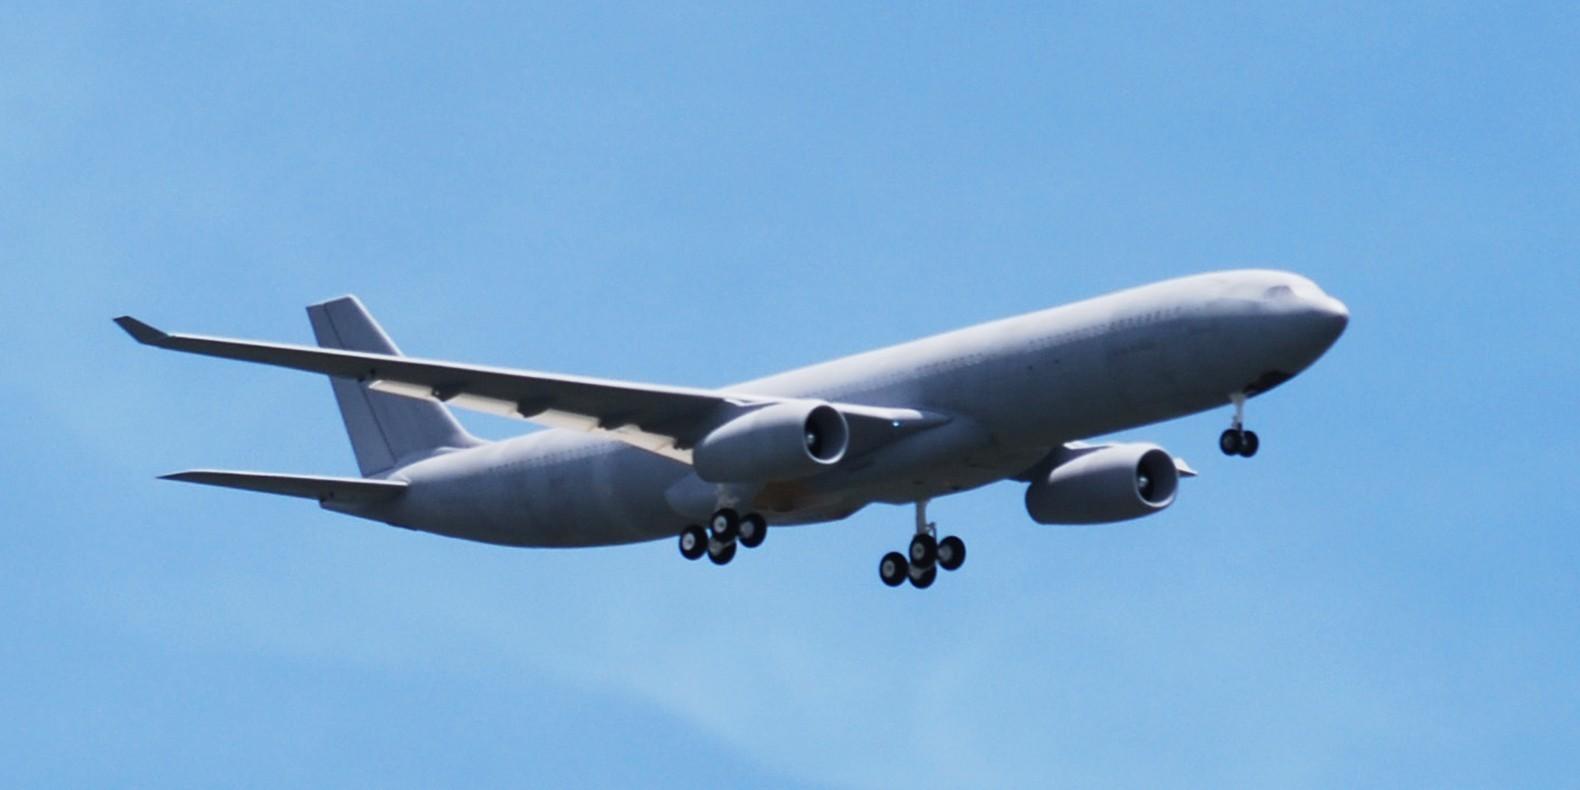 fichier stl A330-300 télécommandé à l'échelle 1/30